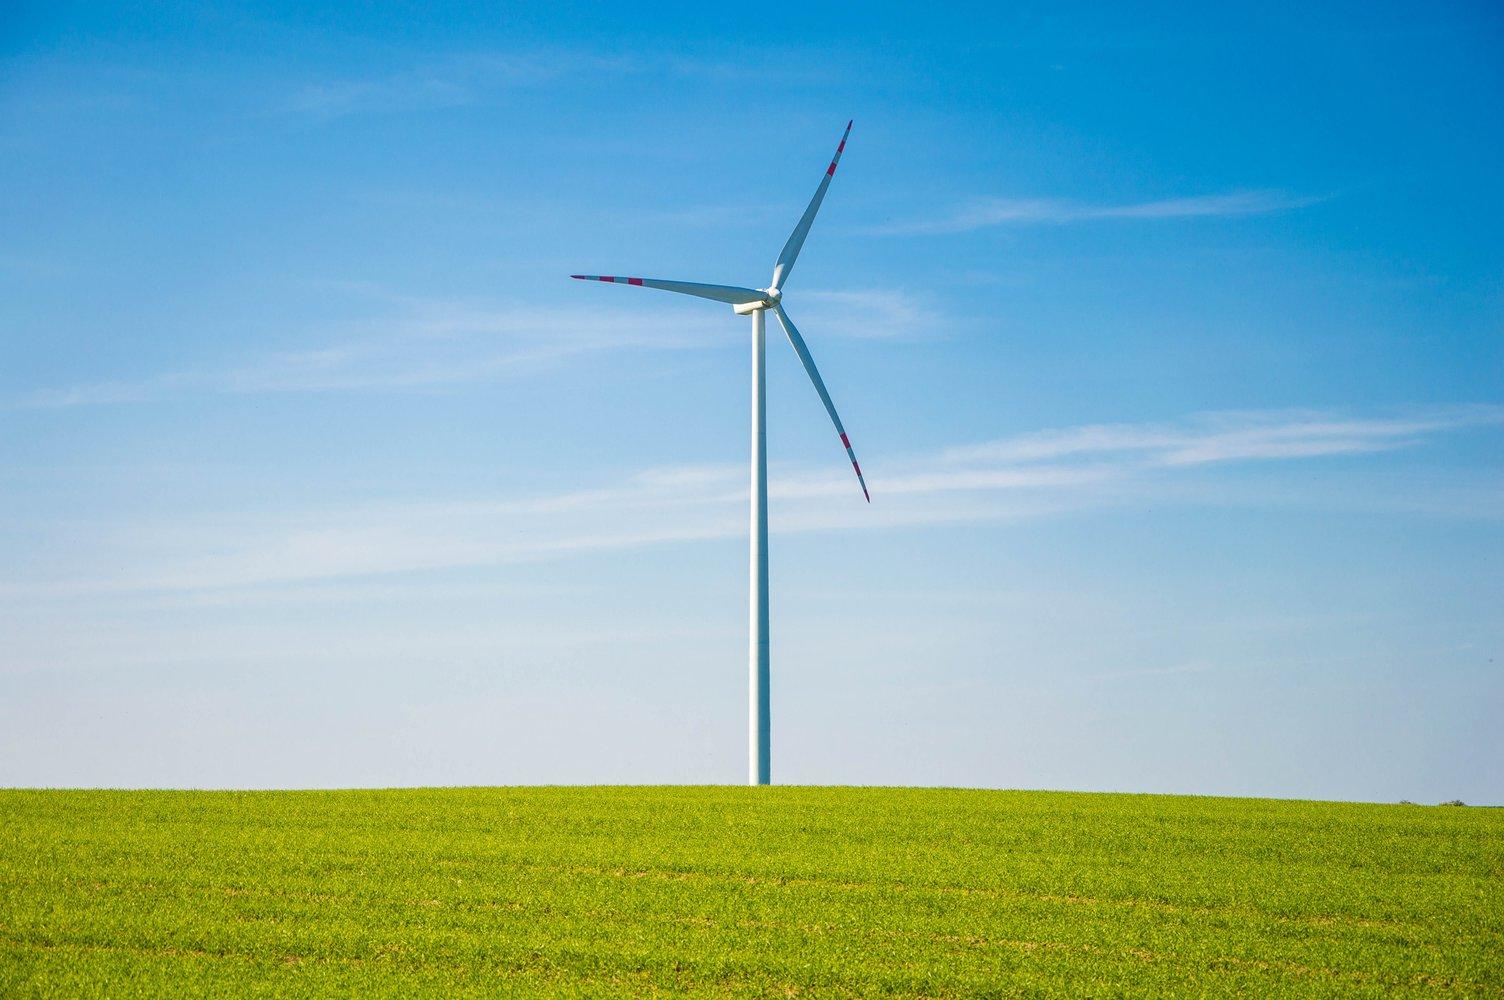 Veelgestelde vragen over groene stroom, windmolens en duurzame energie